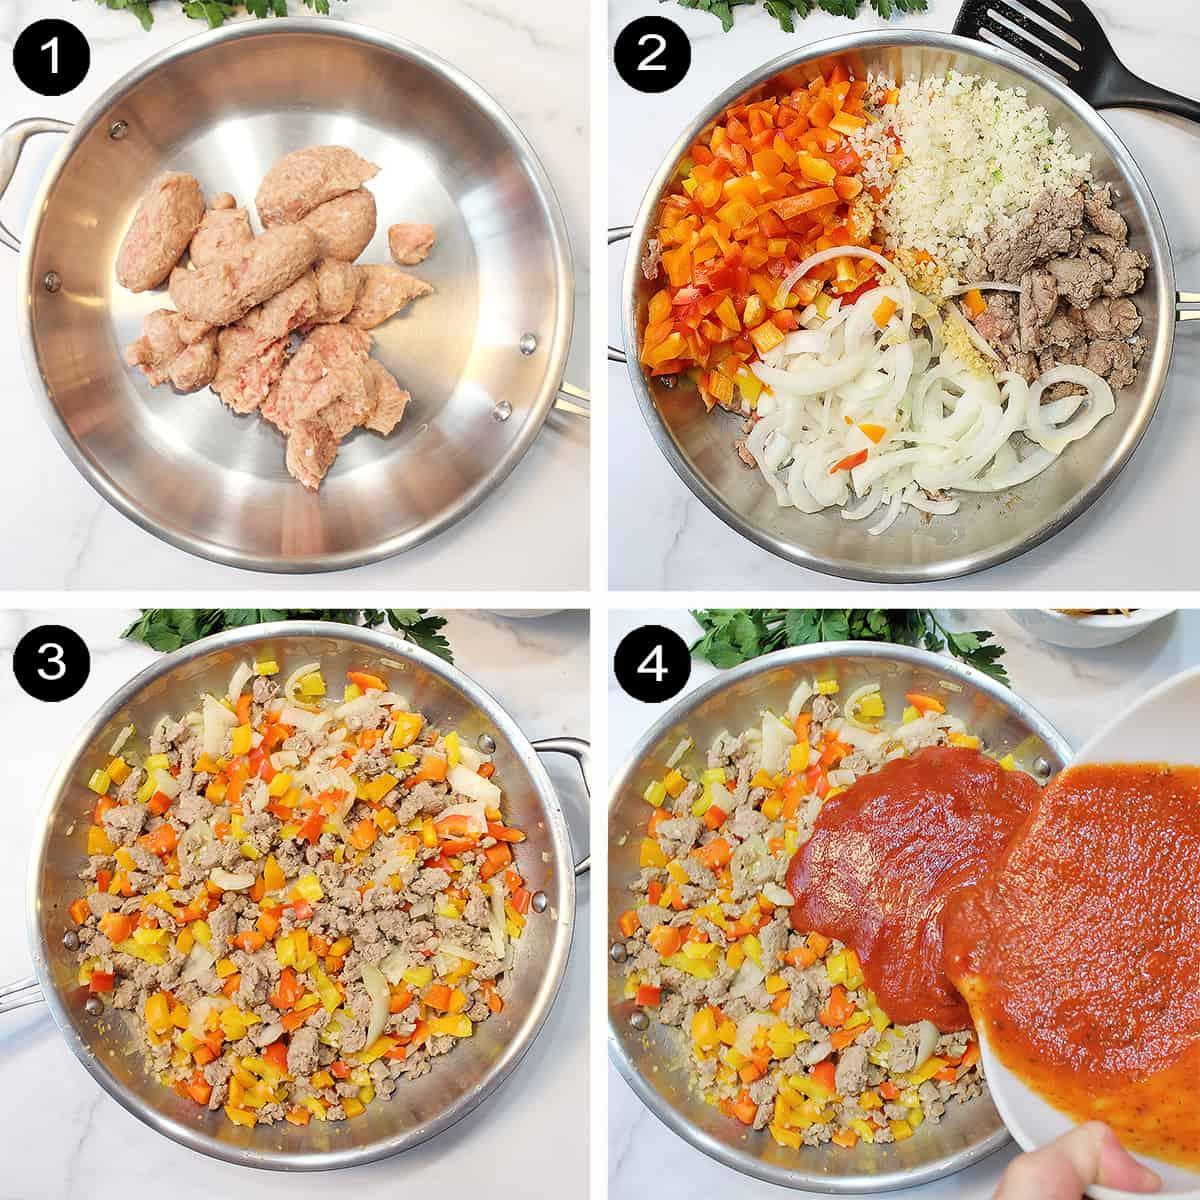 Prep steps for Baked Frito Pie Steps 1-4.